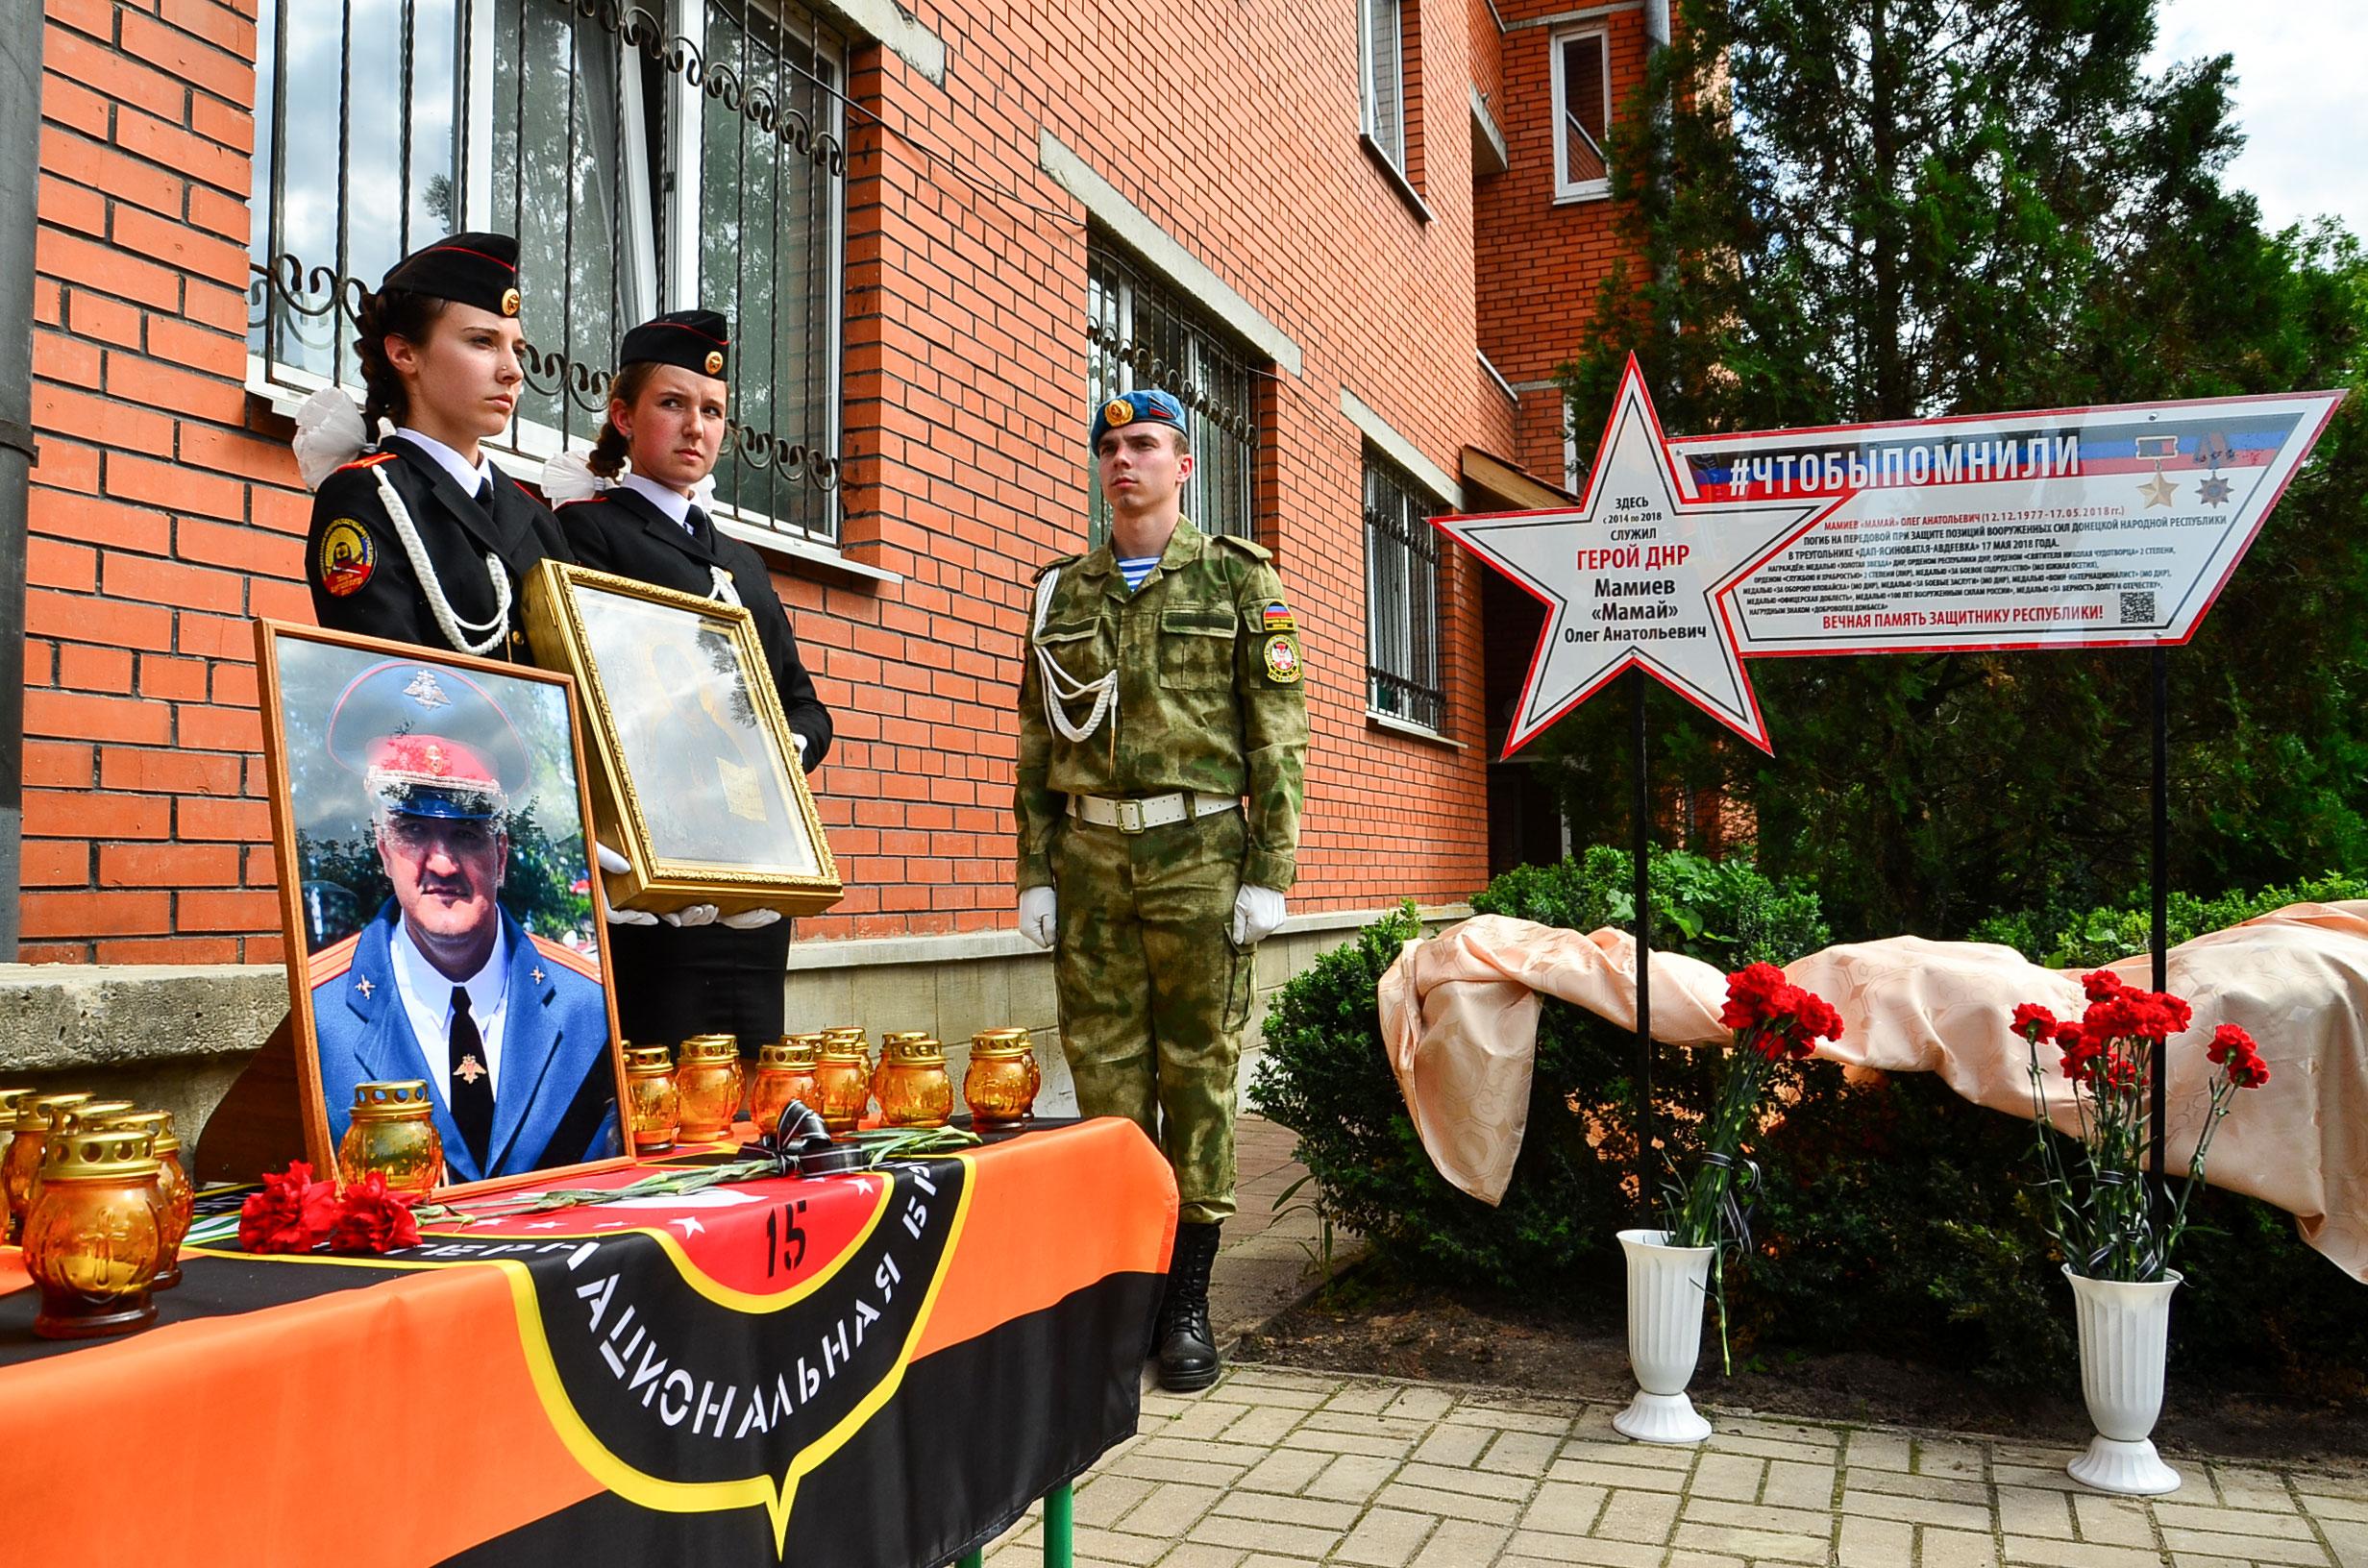 Герои не будут забыты: в Донецке установили «Звезду Героя» Олегу Мамиеву … #ЧтобыПомнили (видео)